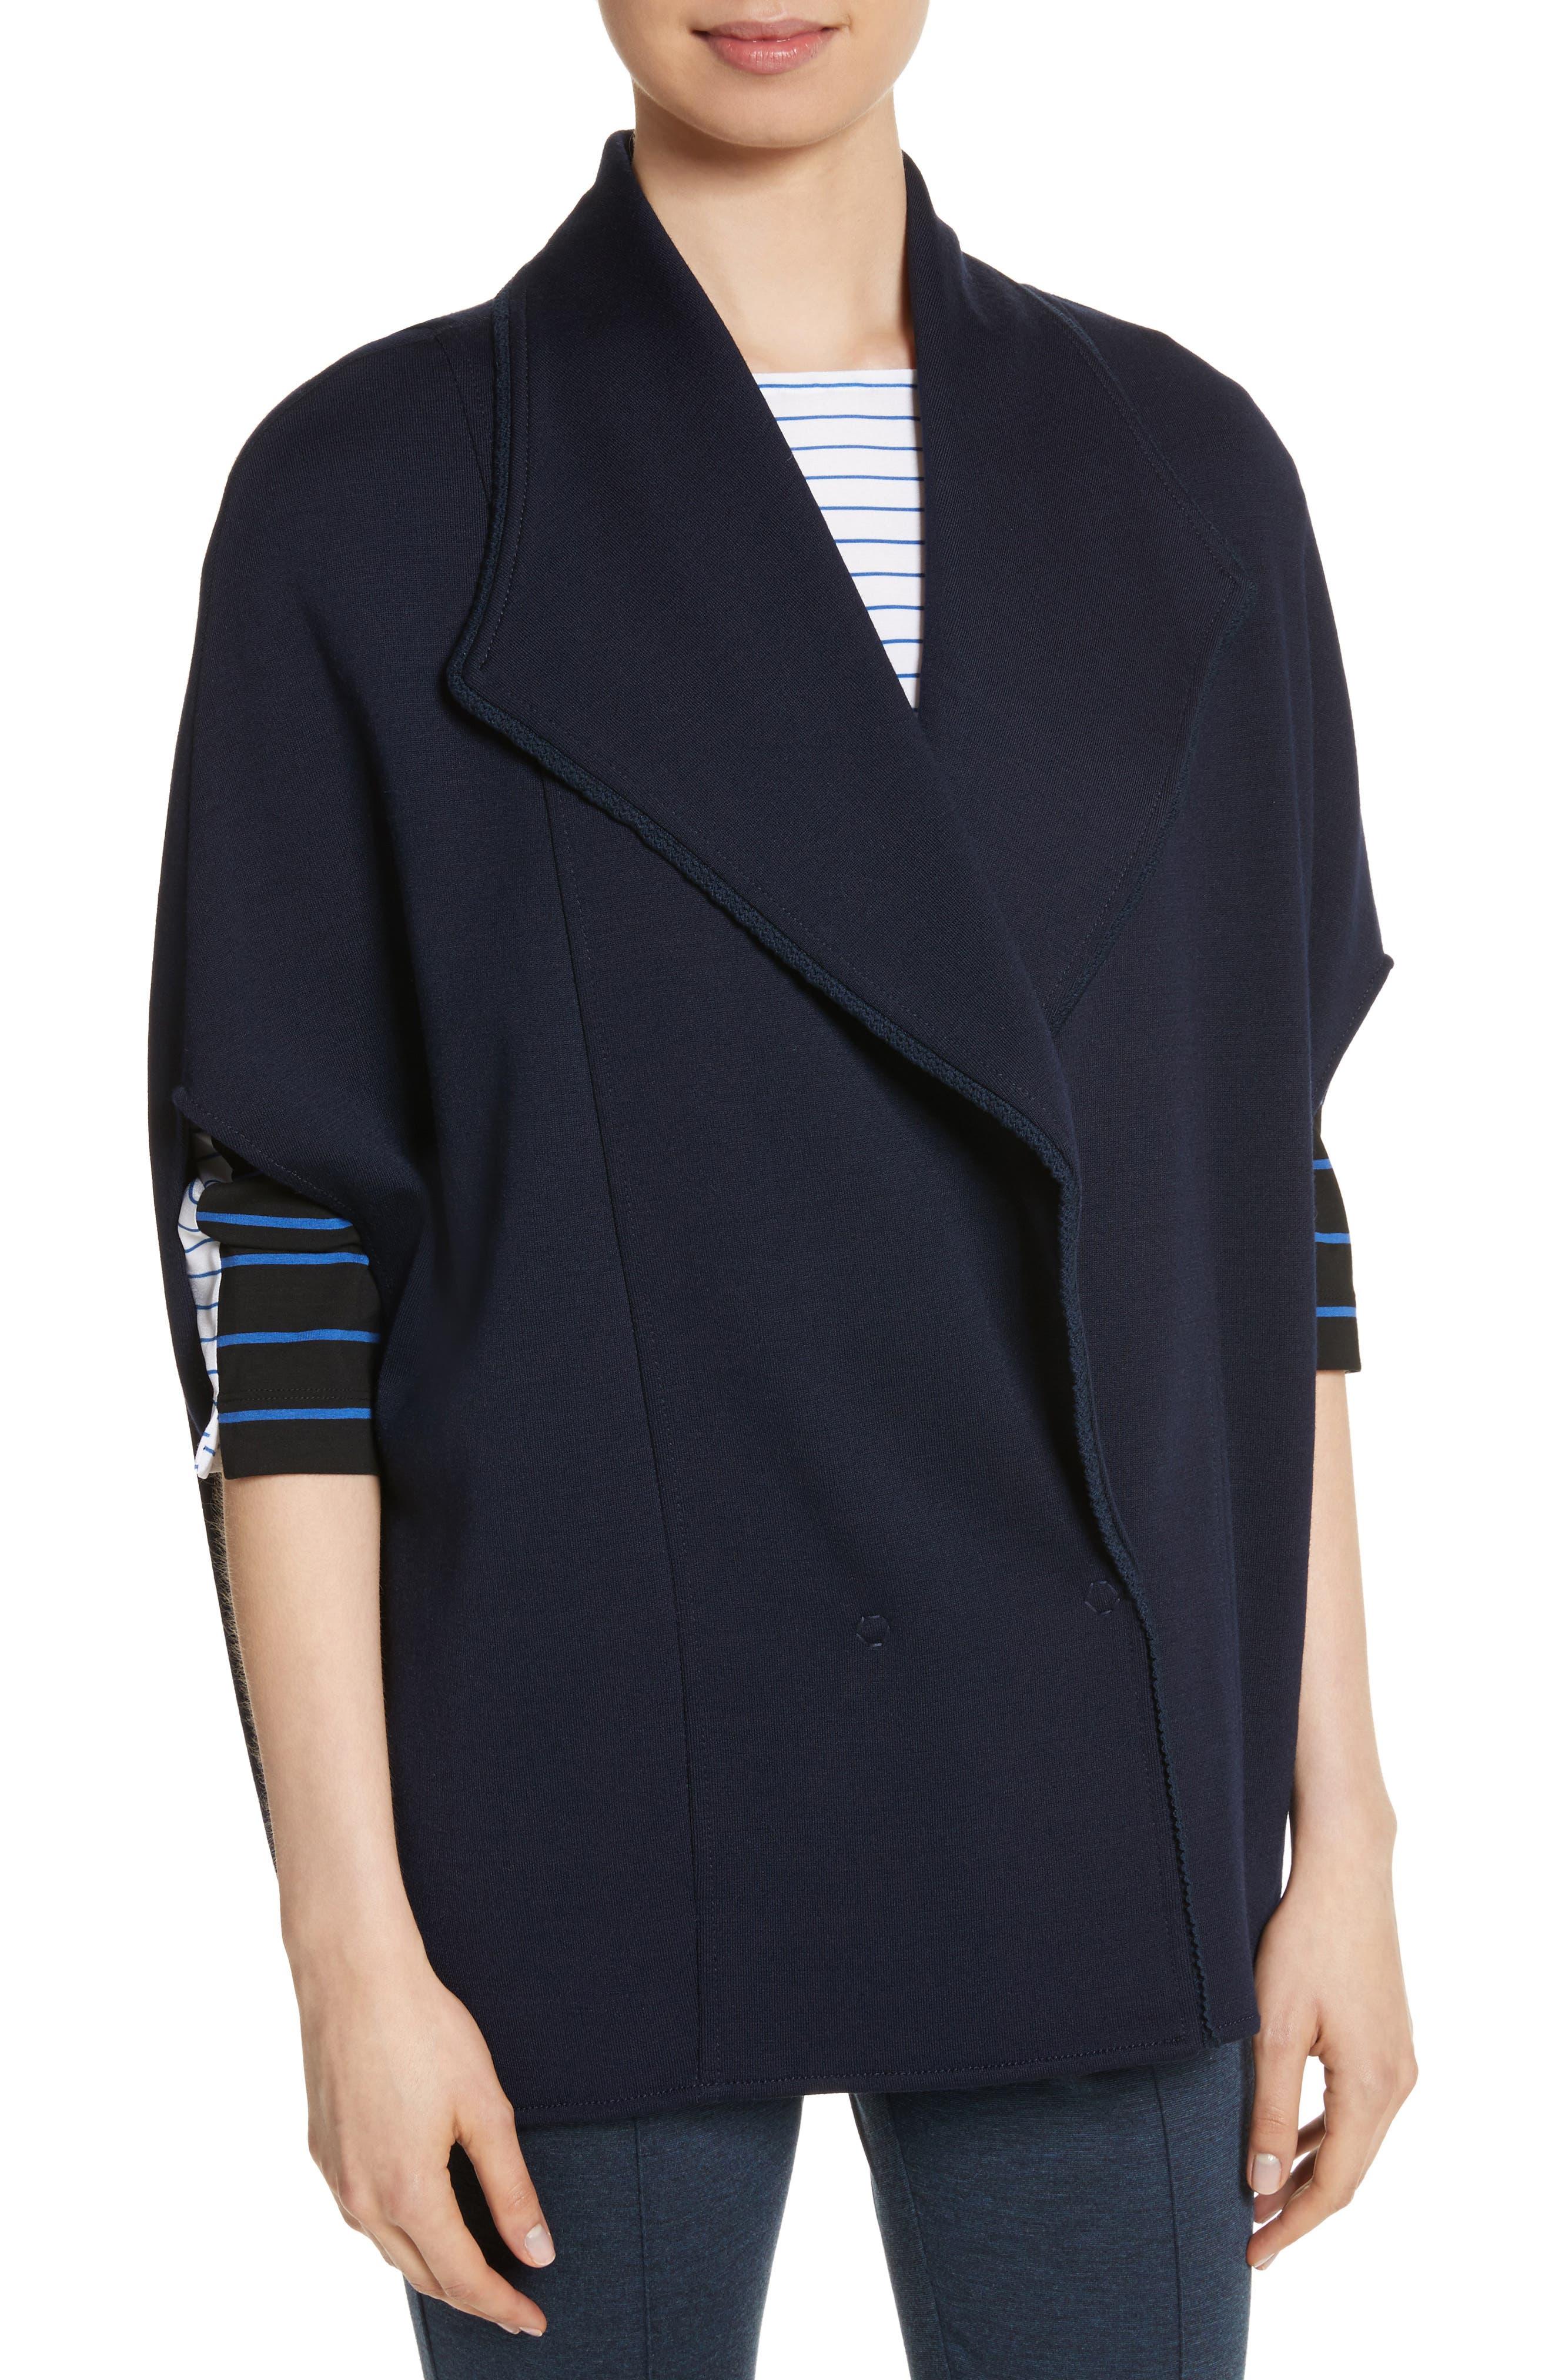 Circular Milano Knit Jacket,                             Alternate thumbnail 4, color,                             Navy